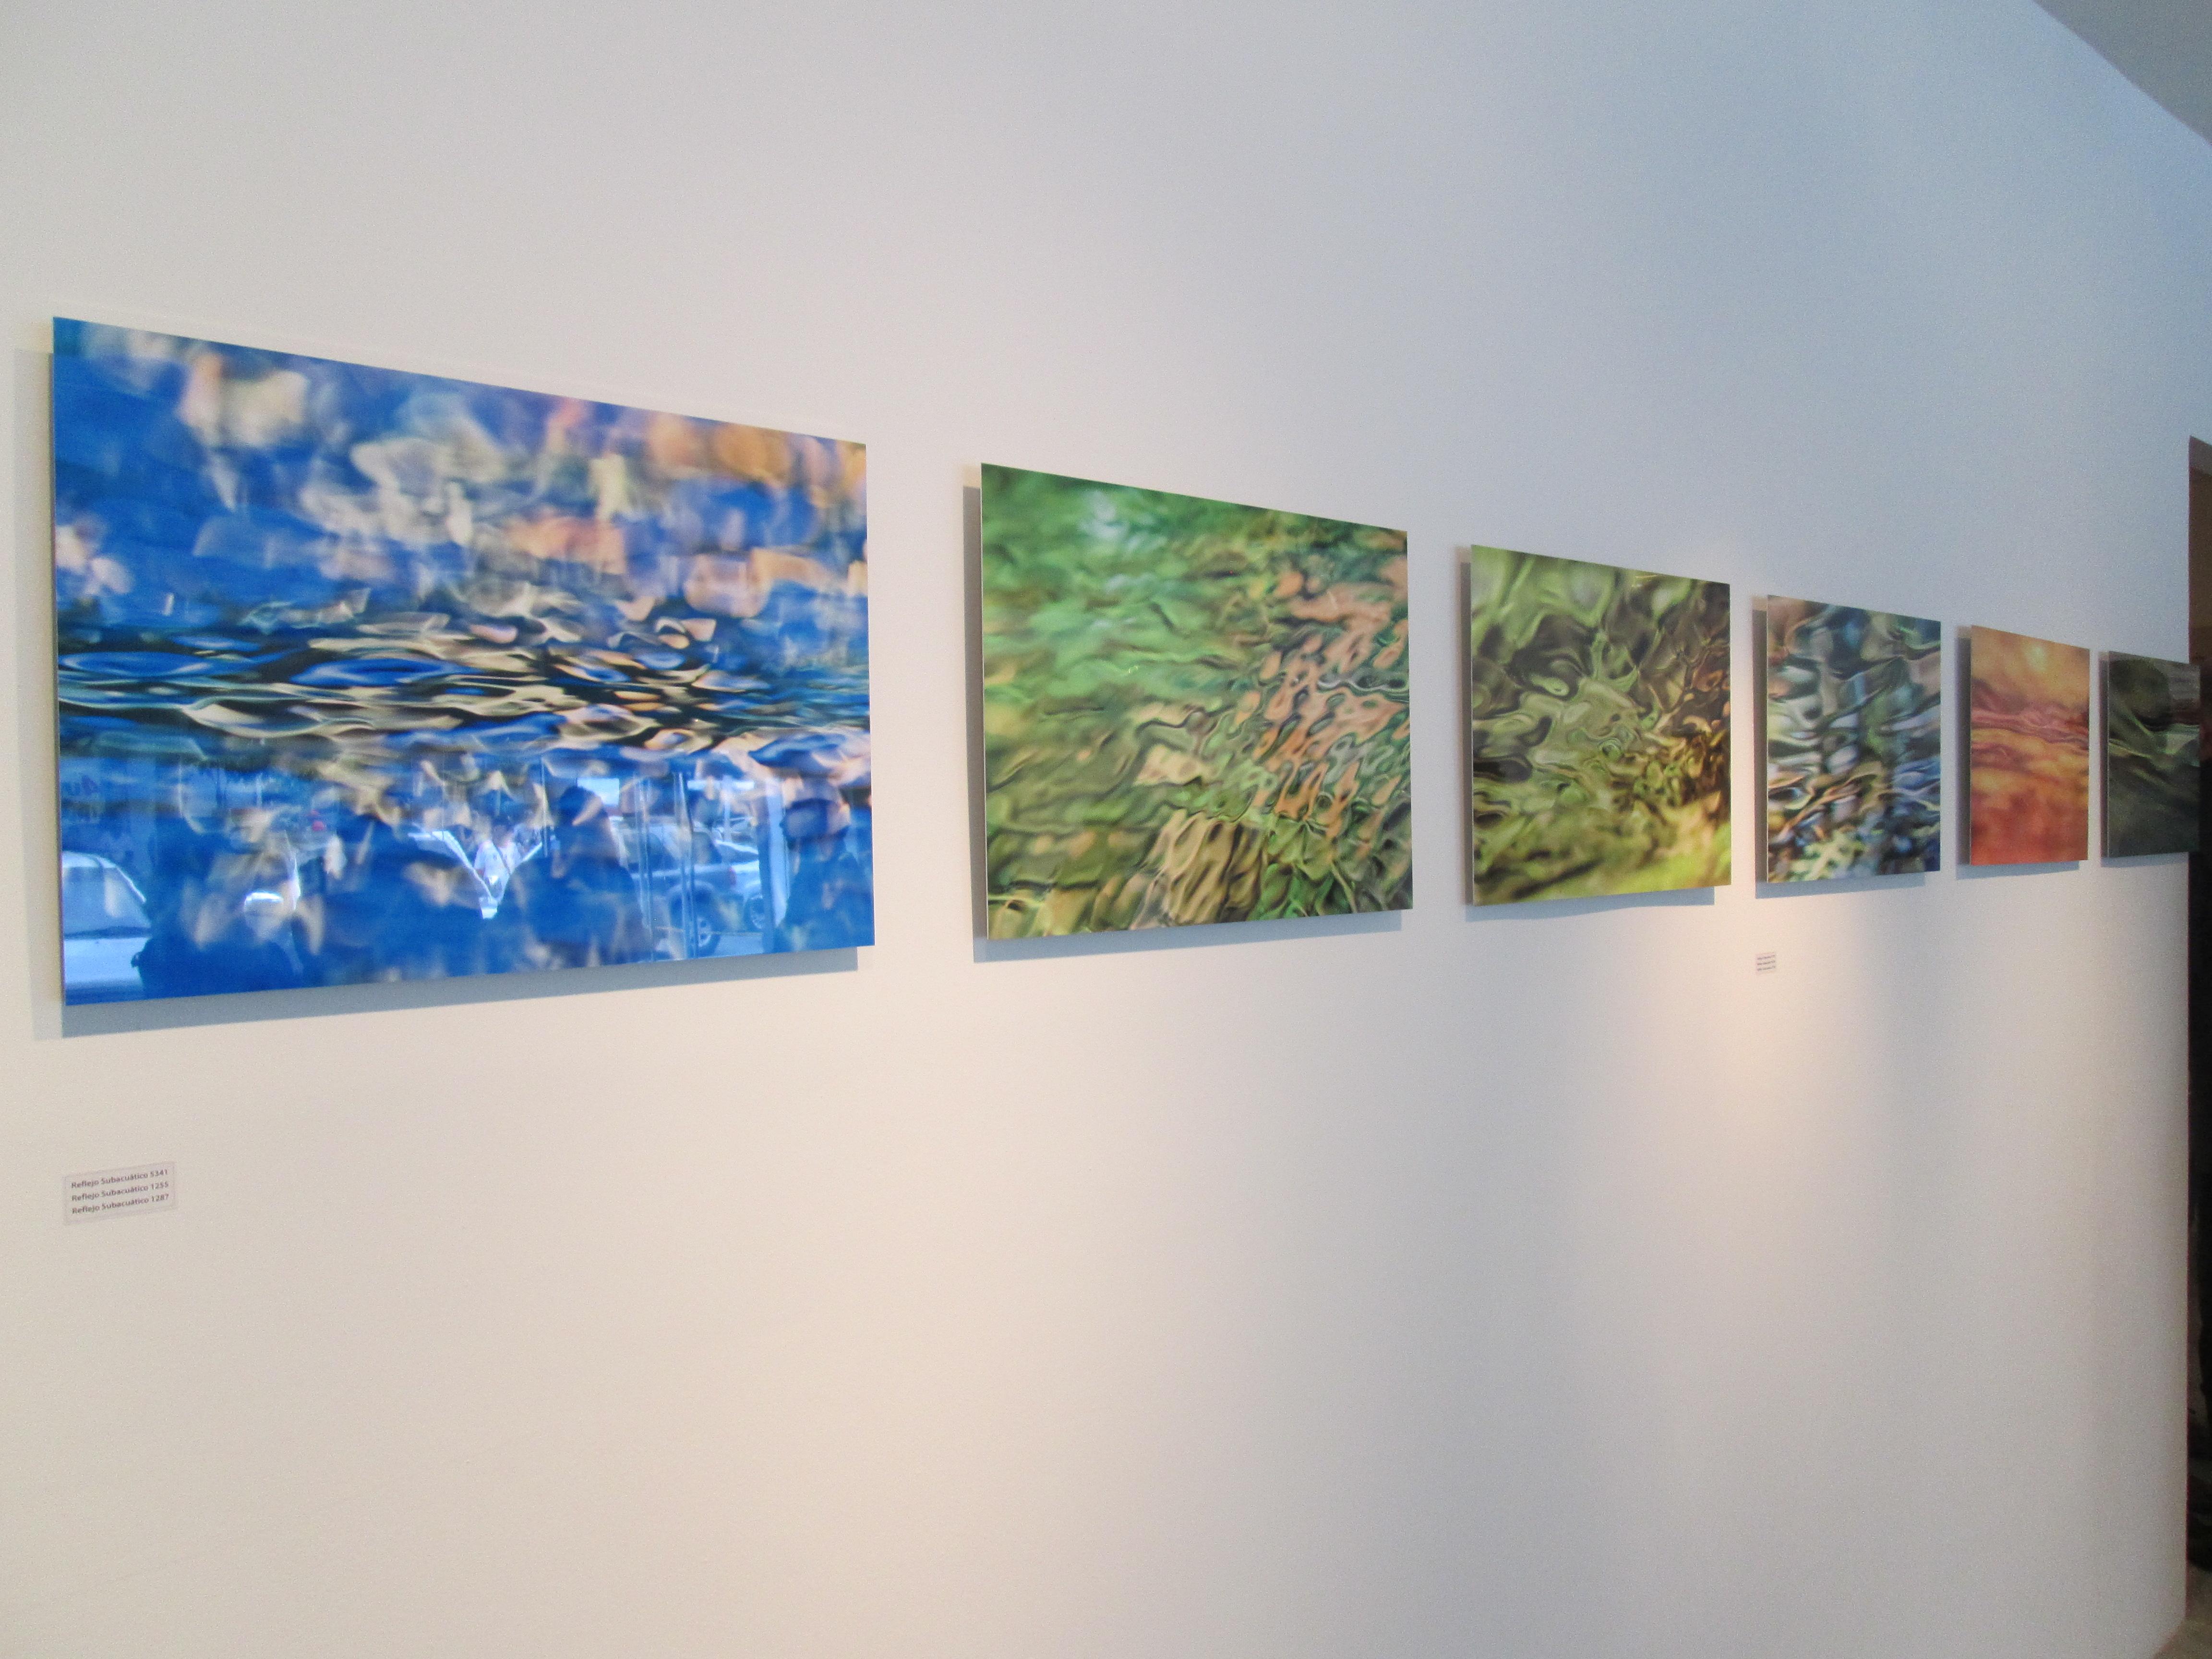 Ivan Mikolji nos revela la belleza que se encuentra bajo el agua en la exposición H2O, dentro de la Galería Espacio 5